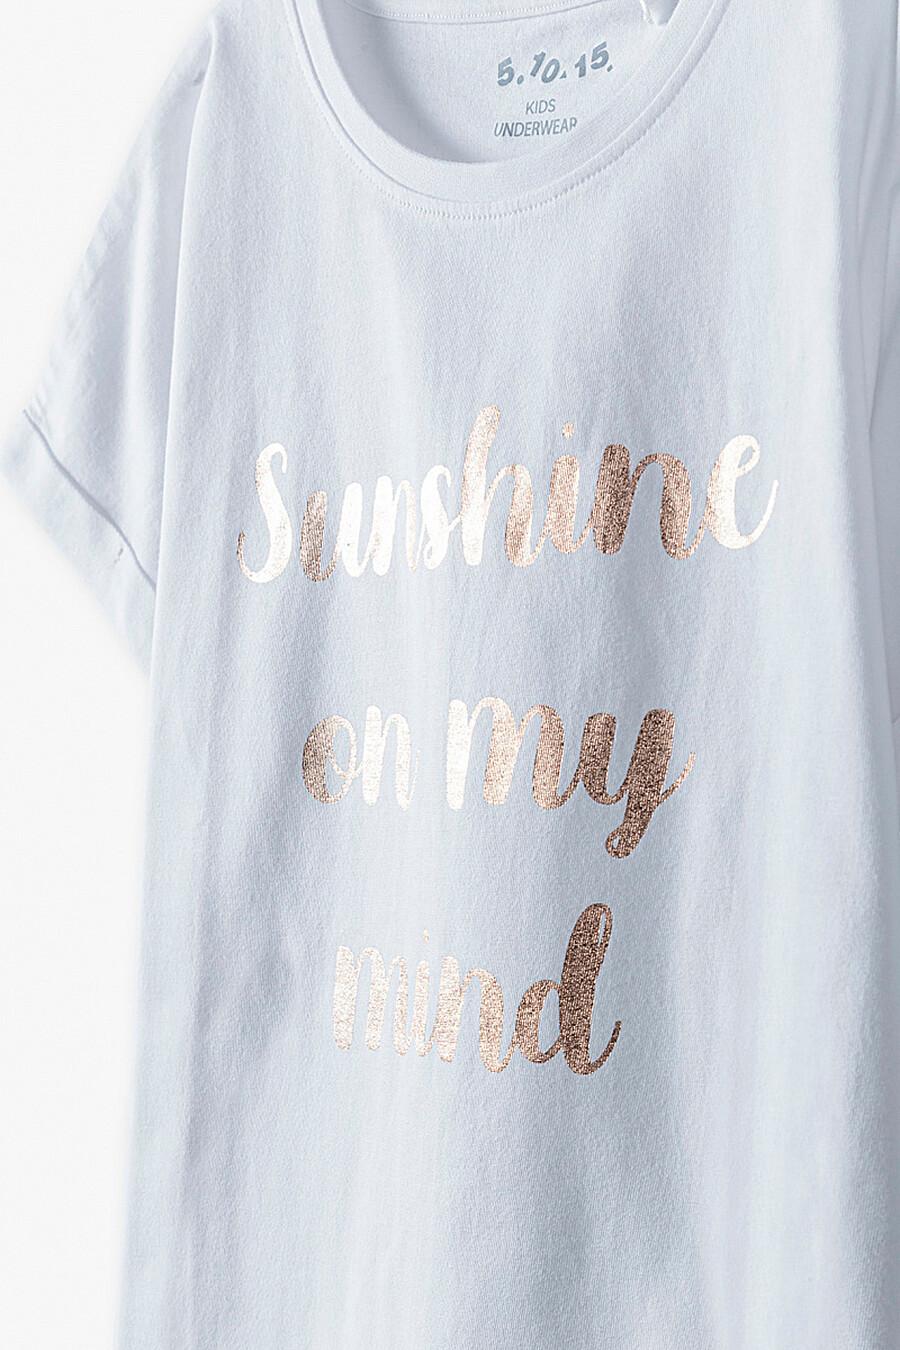 Пижама для девочек 5.10.15 668530 купить оптом от производителя. Совместная покупка детской одежды в OptMoyo